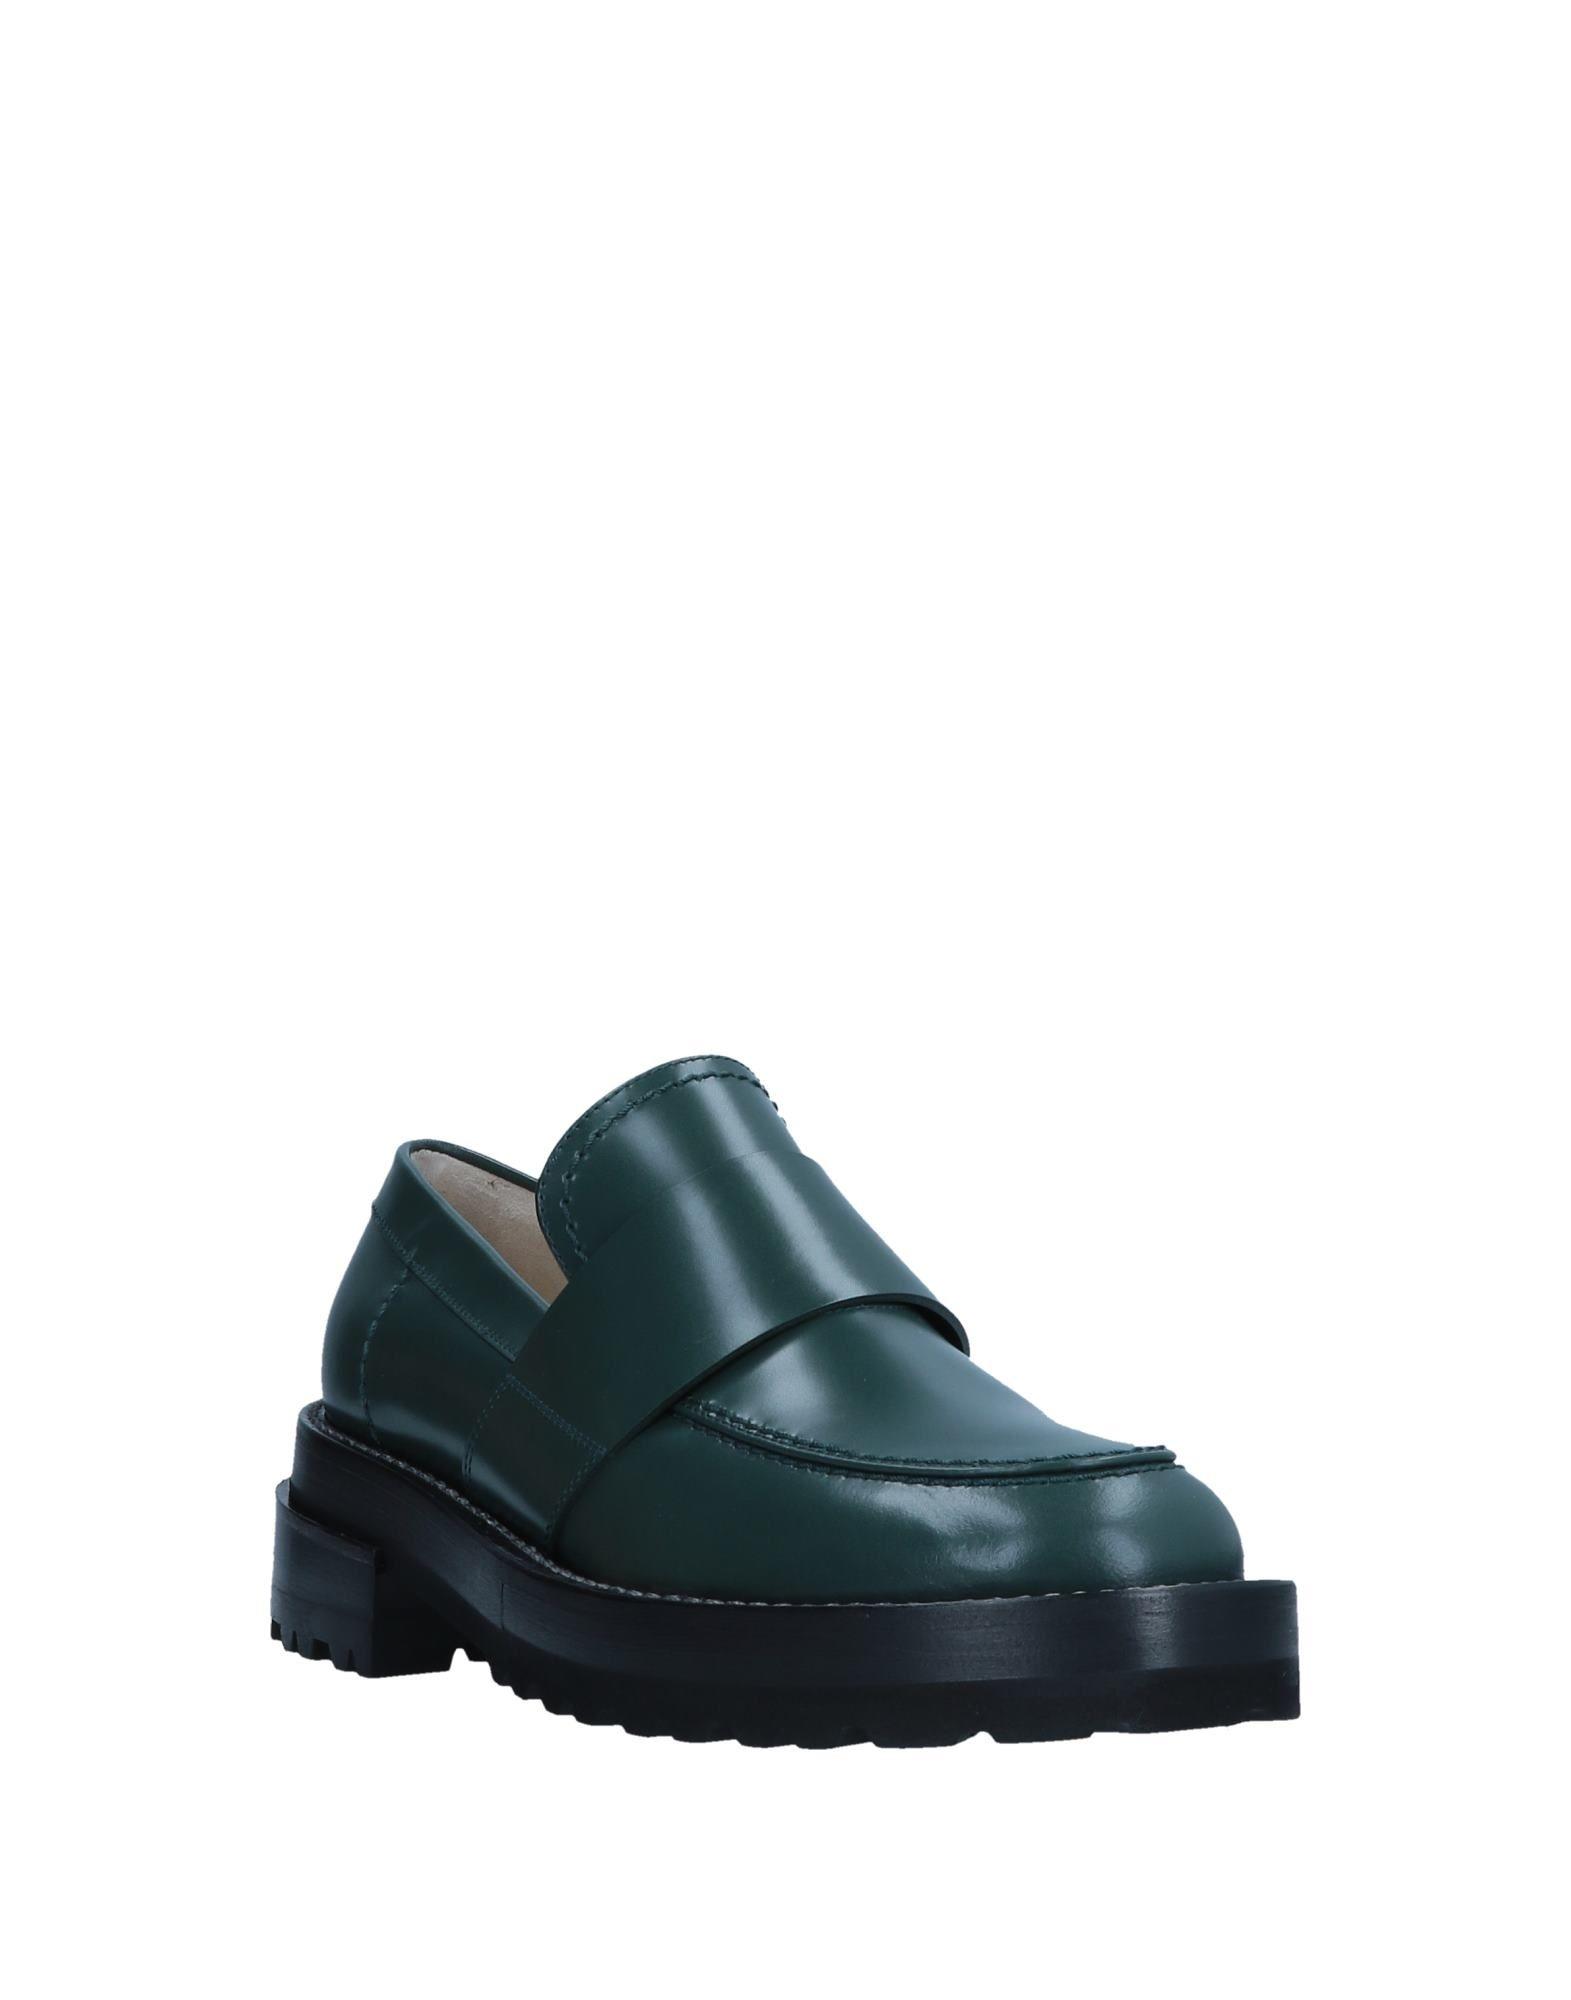 Marni Mokassins Damen Schuhe  11548864OEGünstige gut aussehende Schuhe Damen e2e6b7